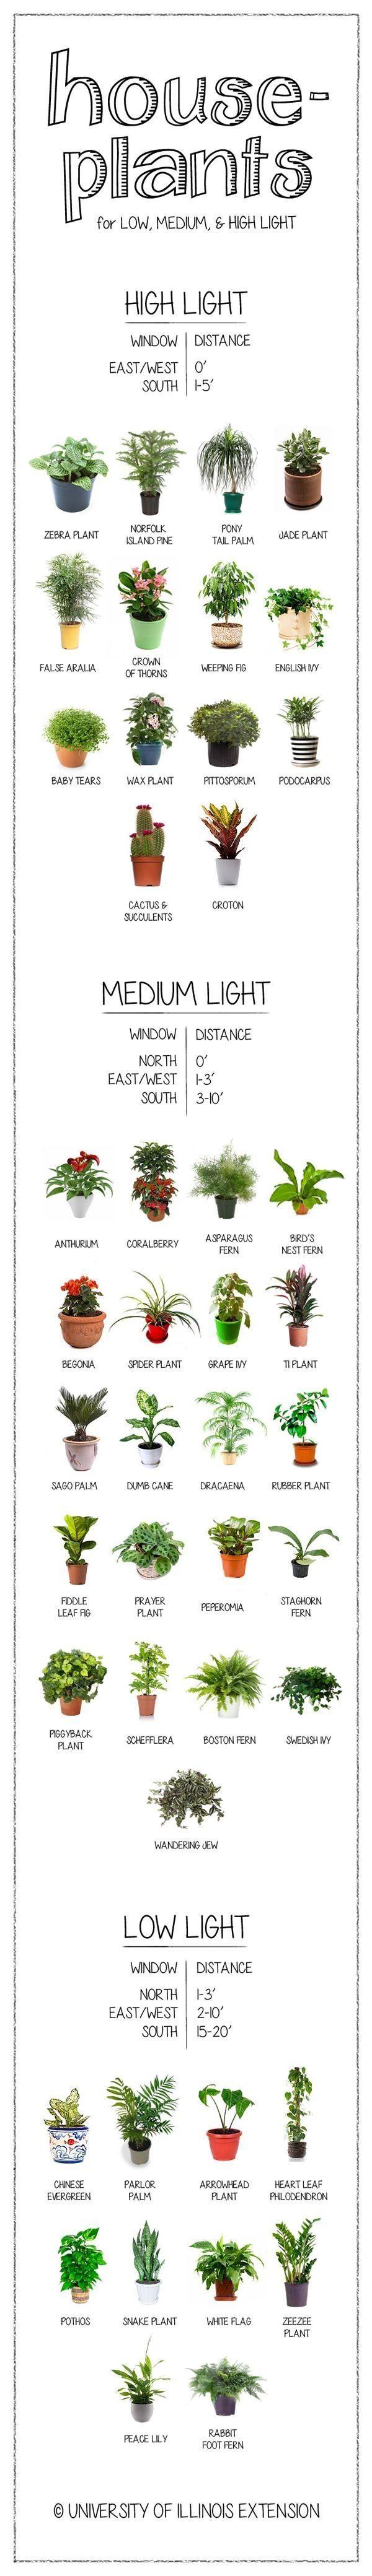 Best 25 indoor window garden ideas on pinterest - Indoor plants that require little care ...